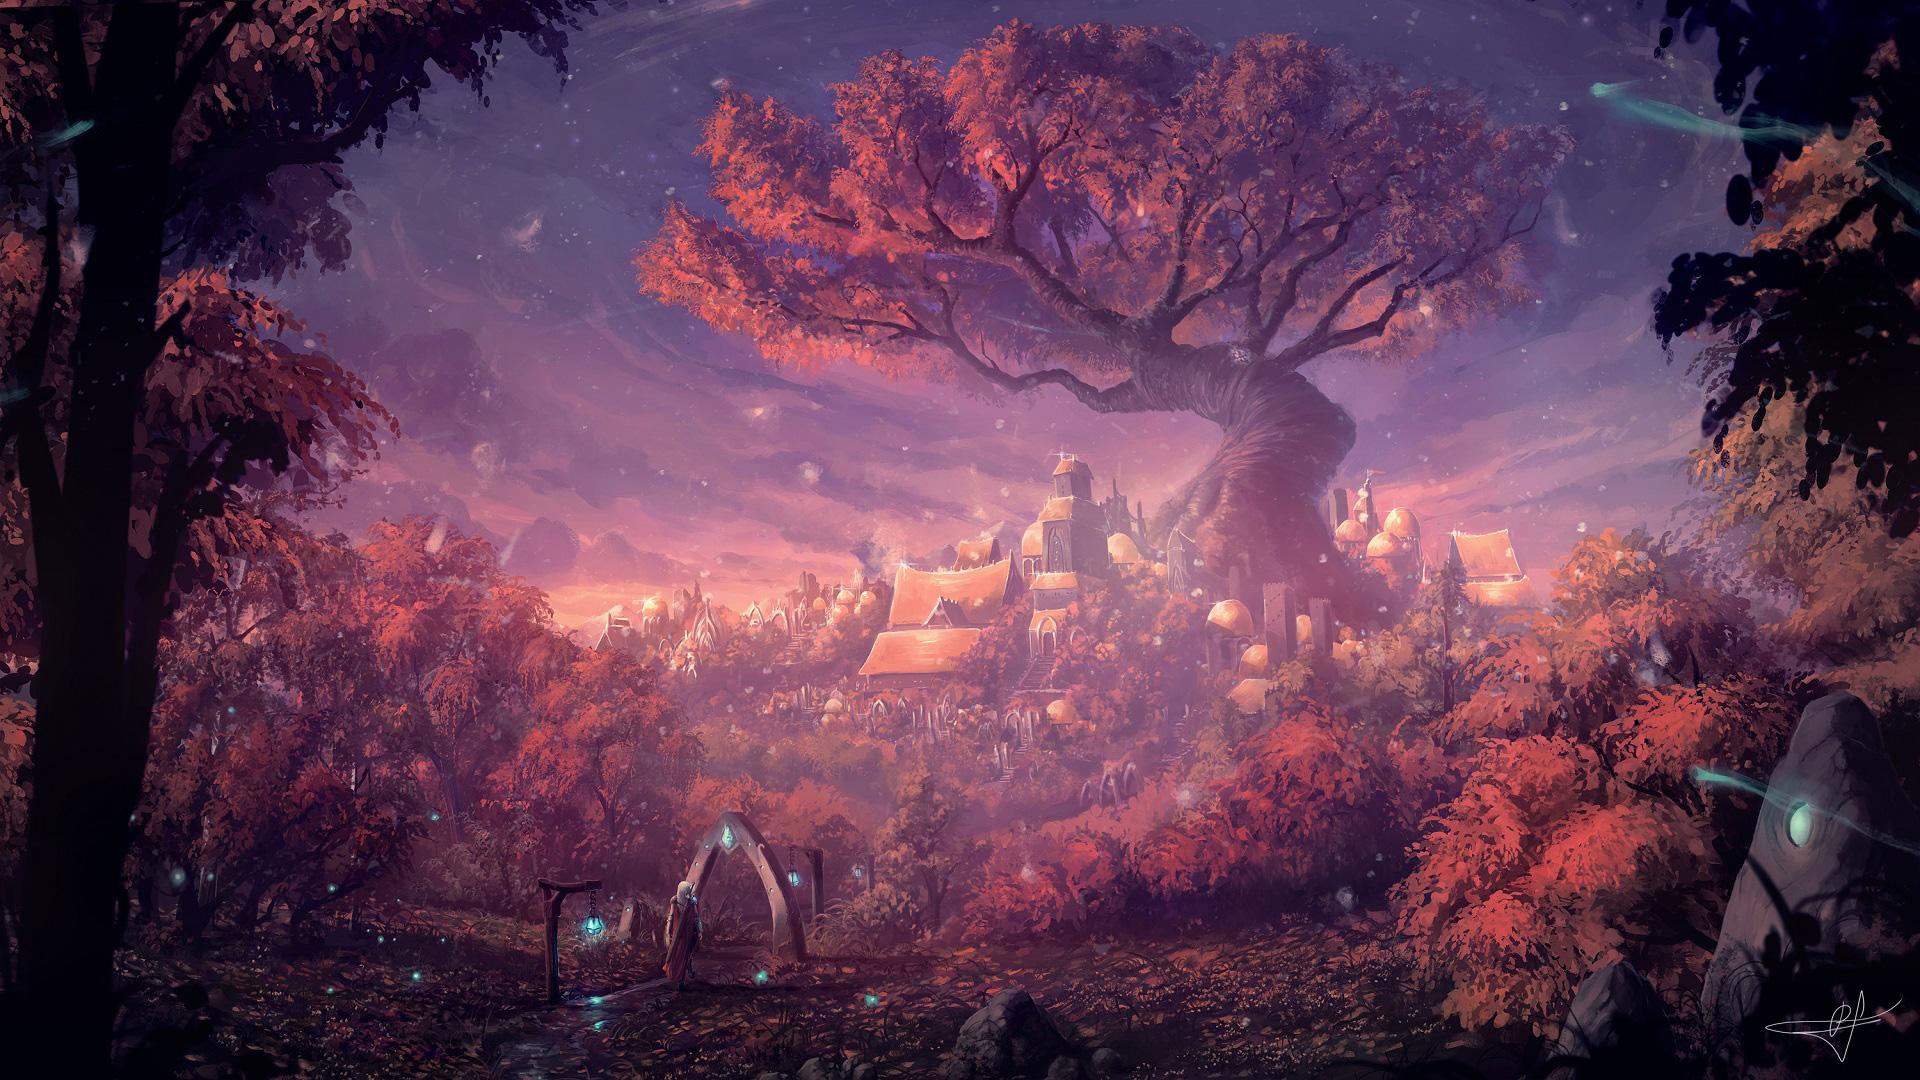 Forest Fantasy Artwork, HD Artist, 4k Wallpapers, Images ...